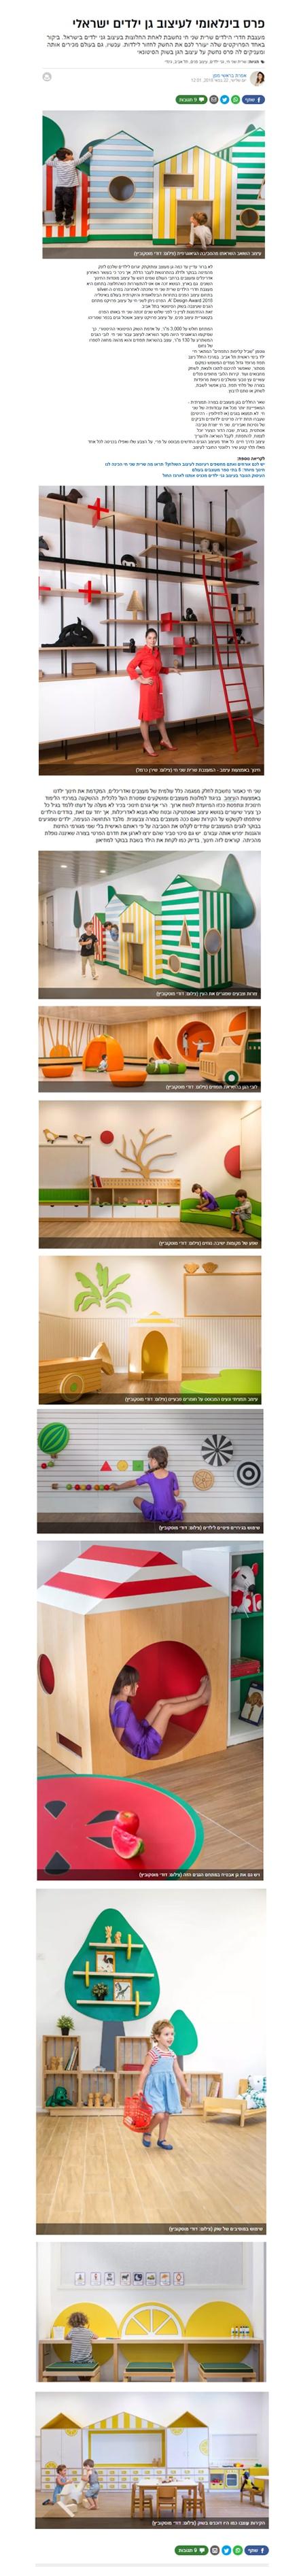 Walla! Home & Design